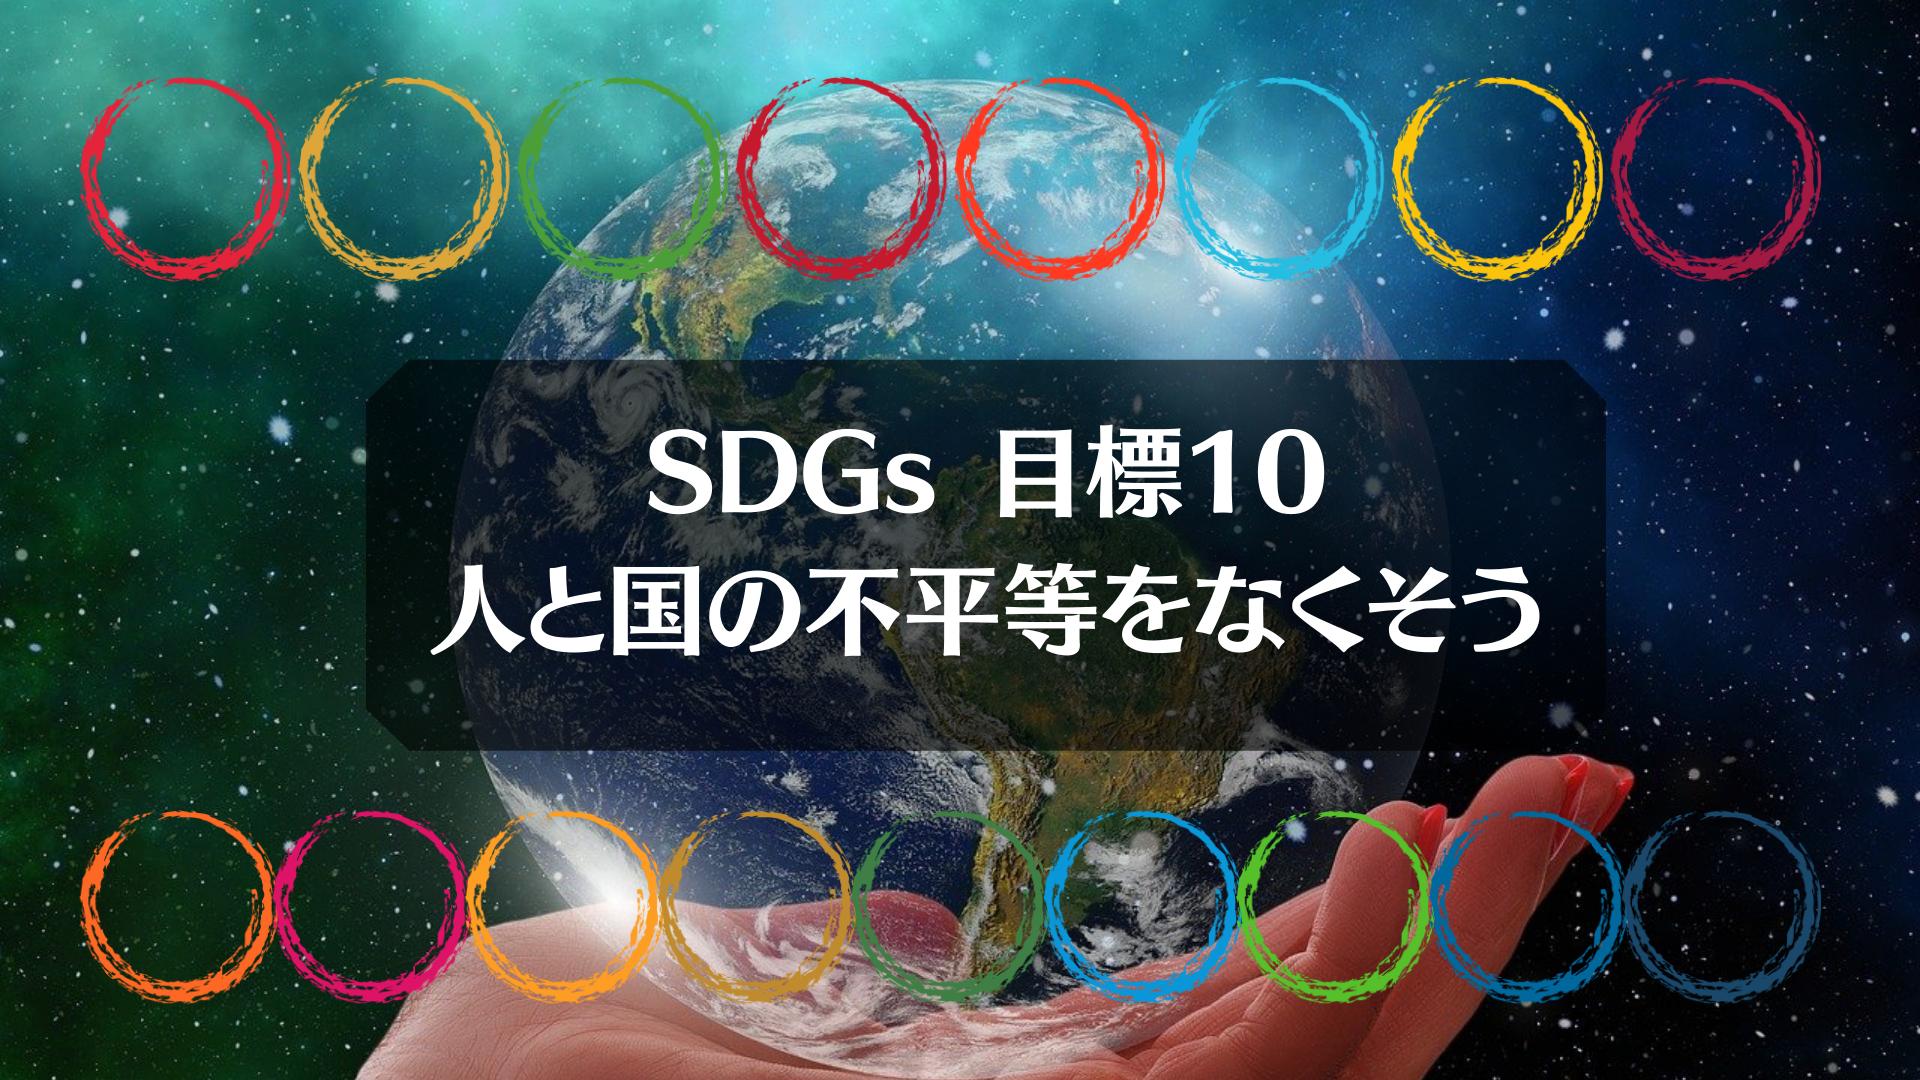 SDGs目標10「人や国の不平等をなくそう」とは|3つのポイントをピックアップ